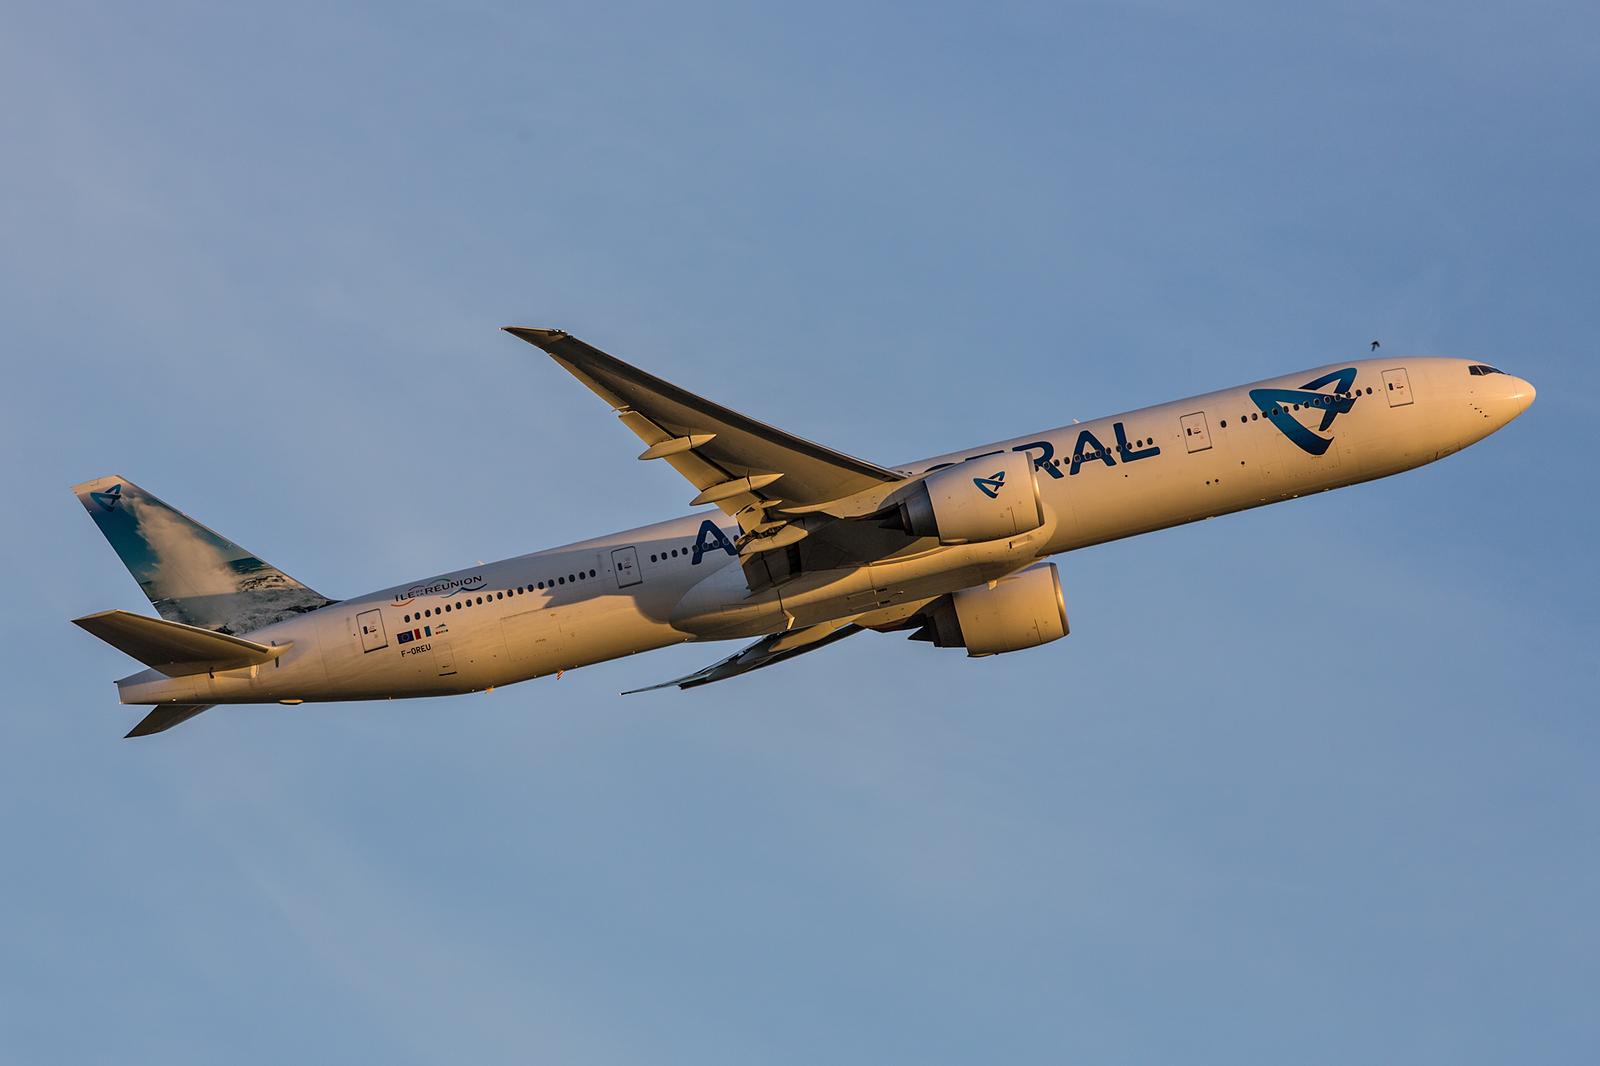 Ein Lotteriespiel ist es die Boeing 777 der Air Austral noch bei Licht zu bekommen. Oftmals haben sie Verspätung und fliegen erst im Dunkeln ab.